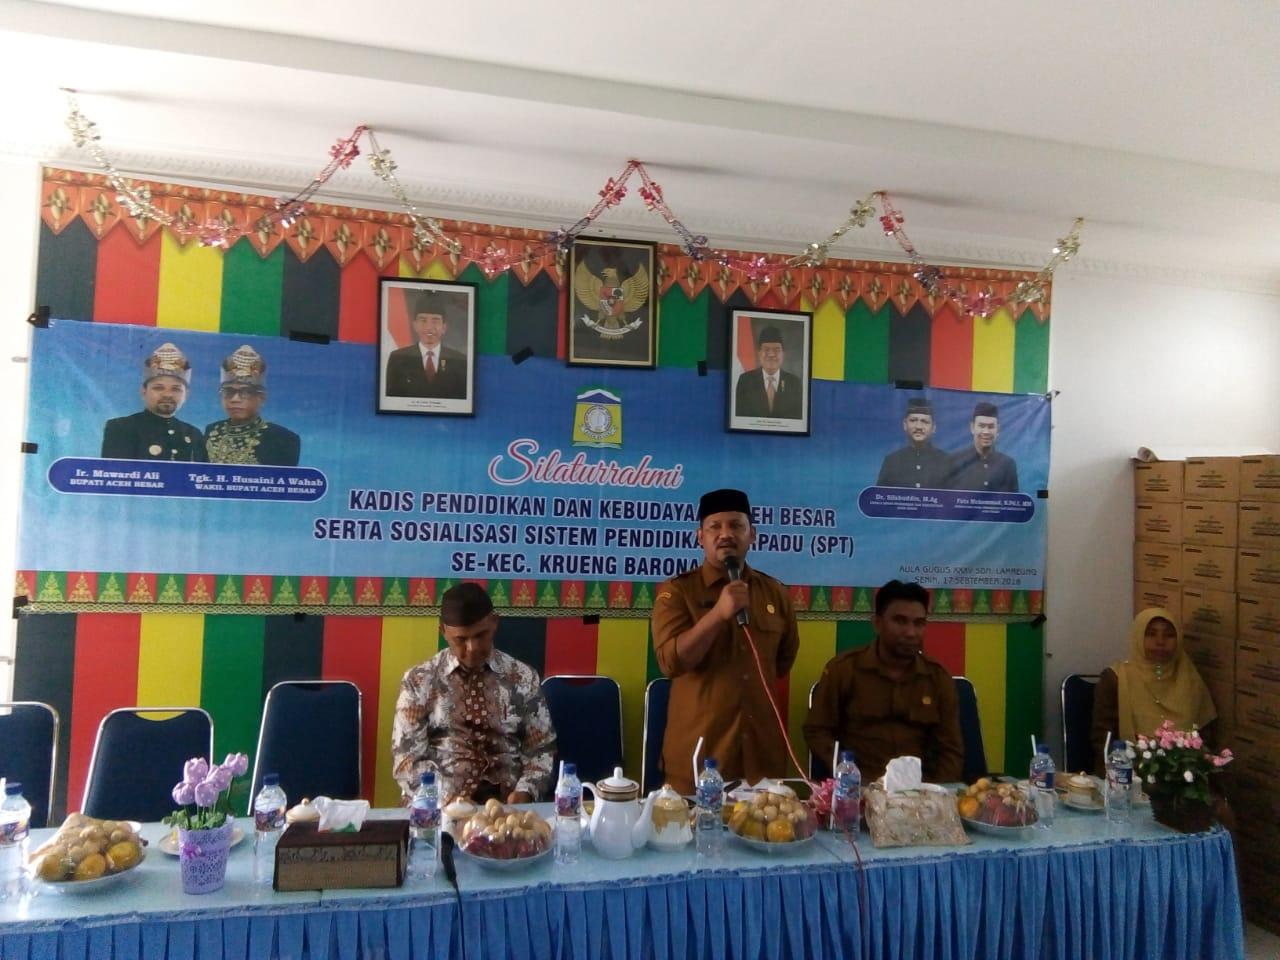 Kadisdikbud Aceh Besar Silaturrahmi Bersama Bapak/Ibu Guru, Kepala Sekolah Se-Kecamatan Kuta Baro dan Krueng Barona Jaya